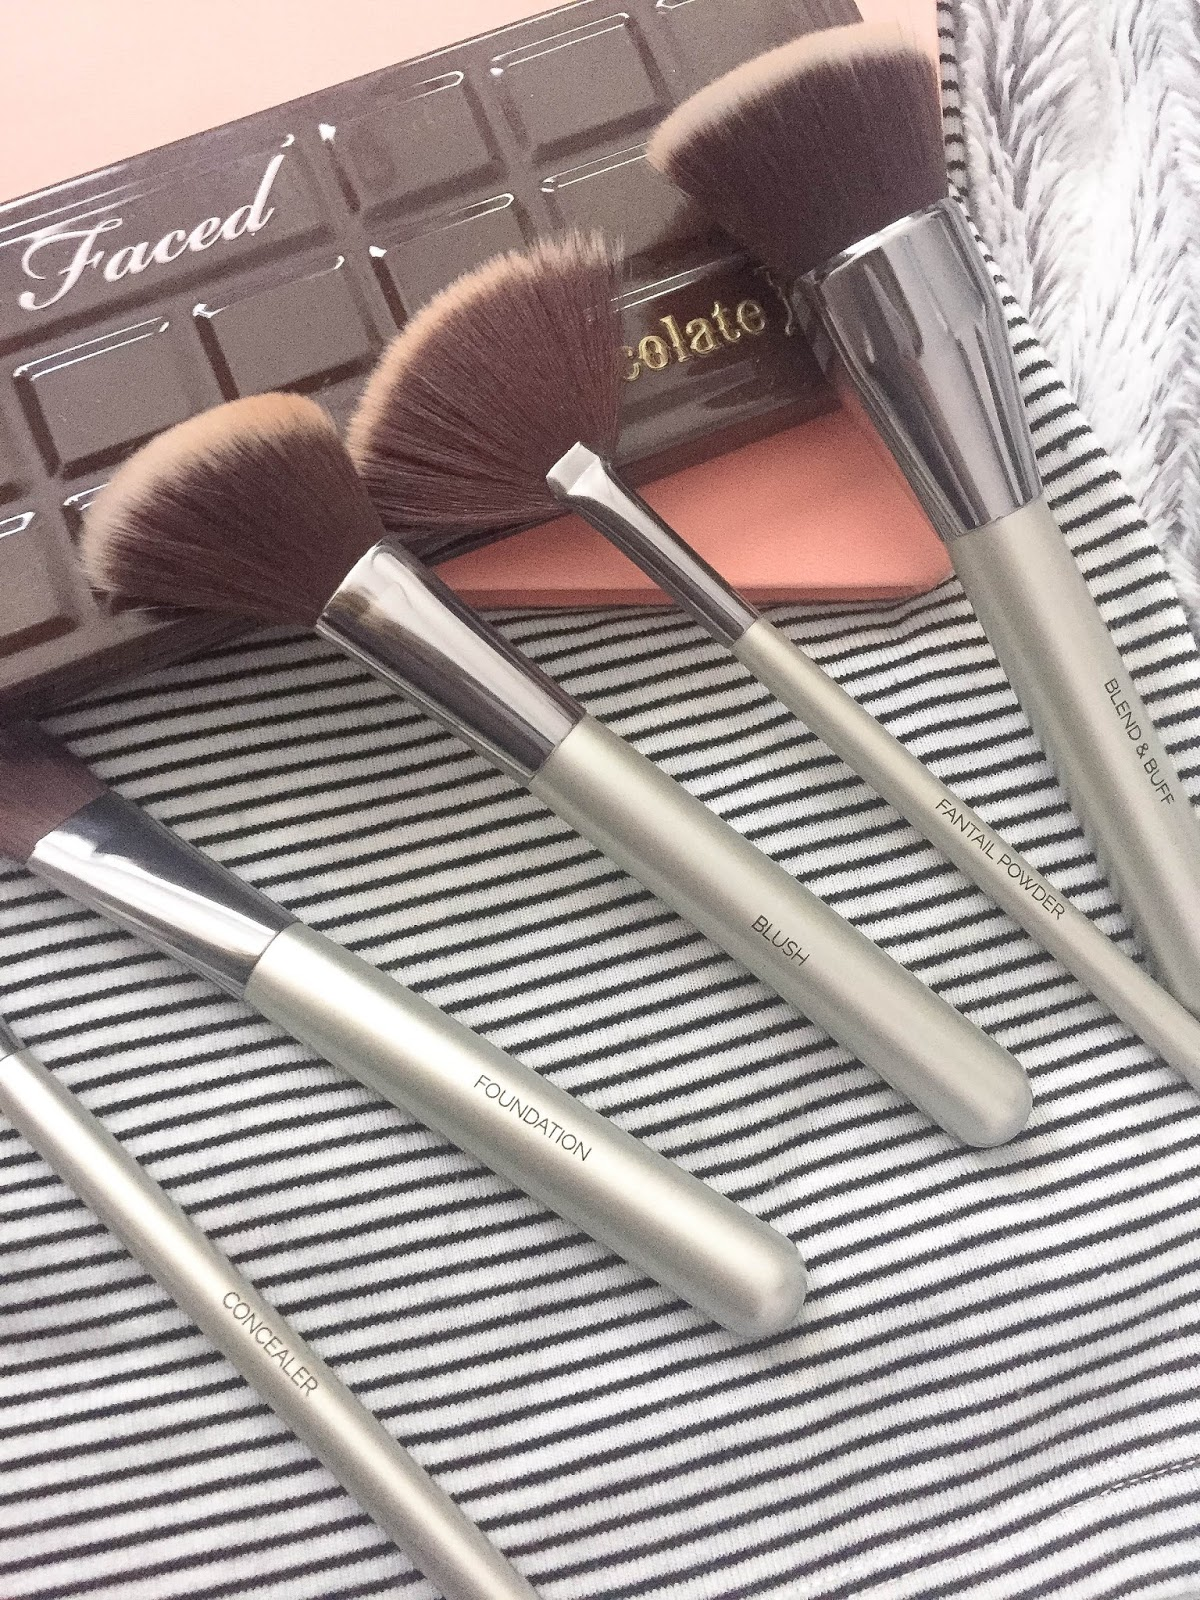 Bella Pro contour brush set review - Della Loves Nutella ♥